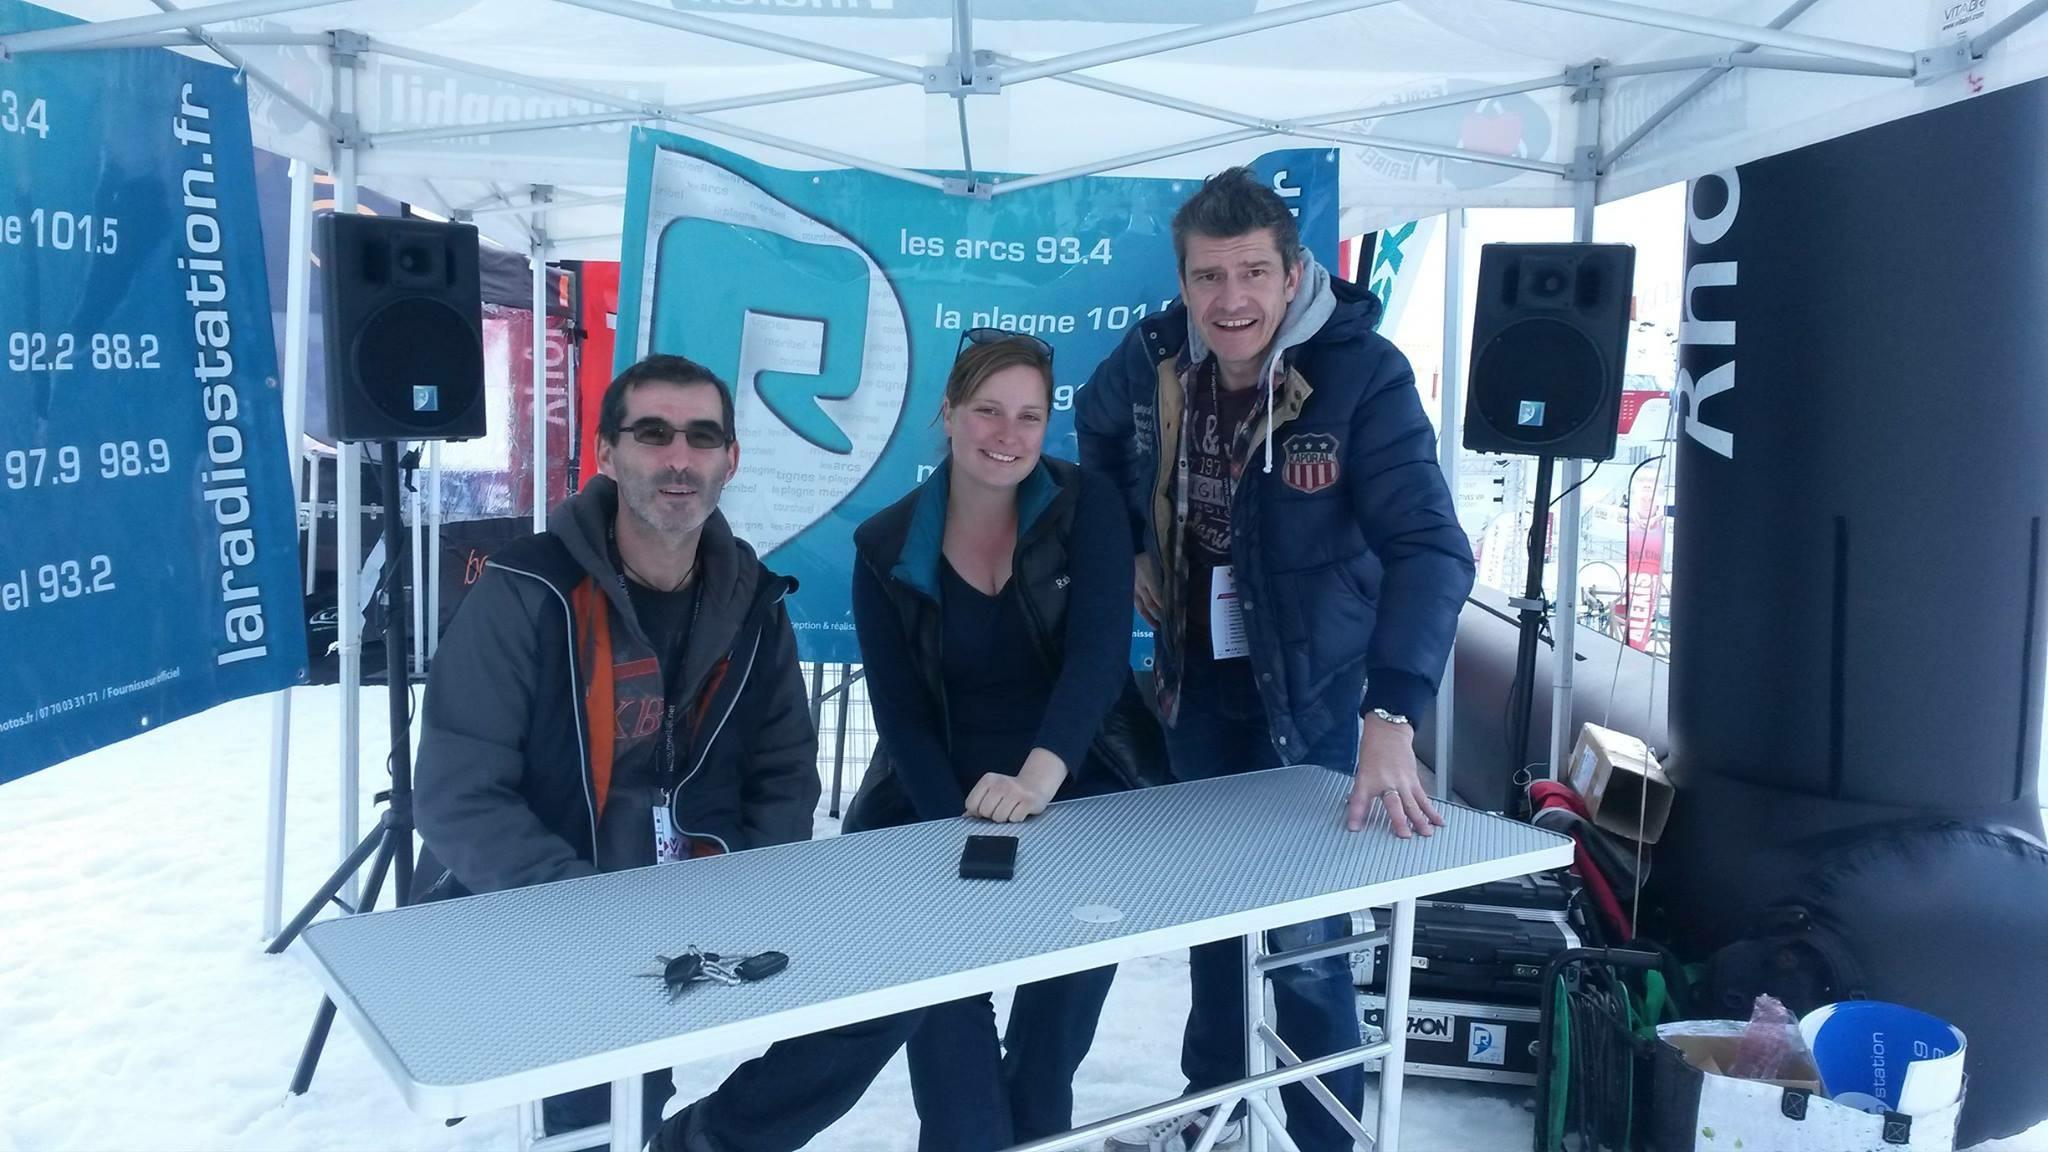 La dream team de R' prête à informer les skieurs. ©R' La radiostation